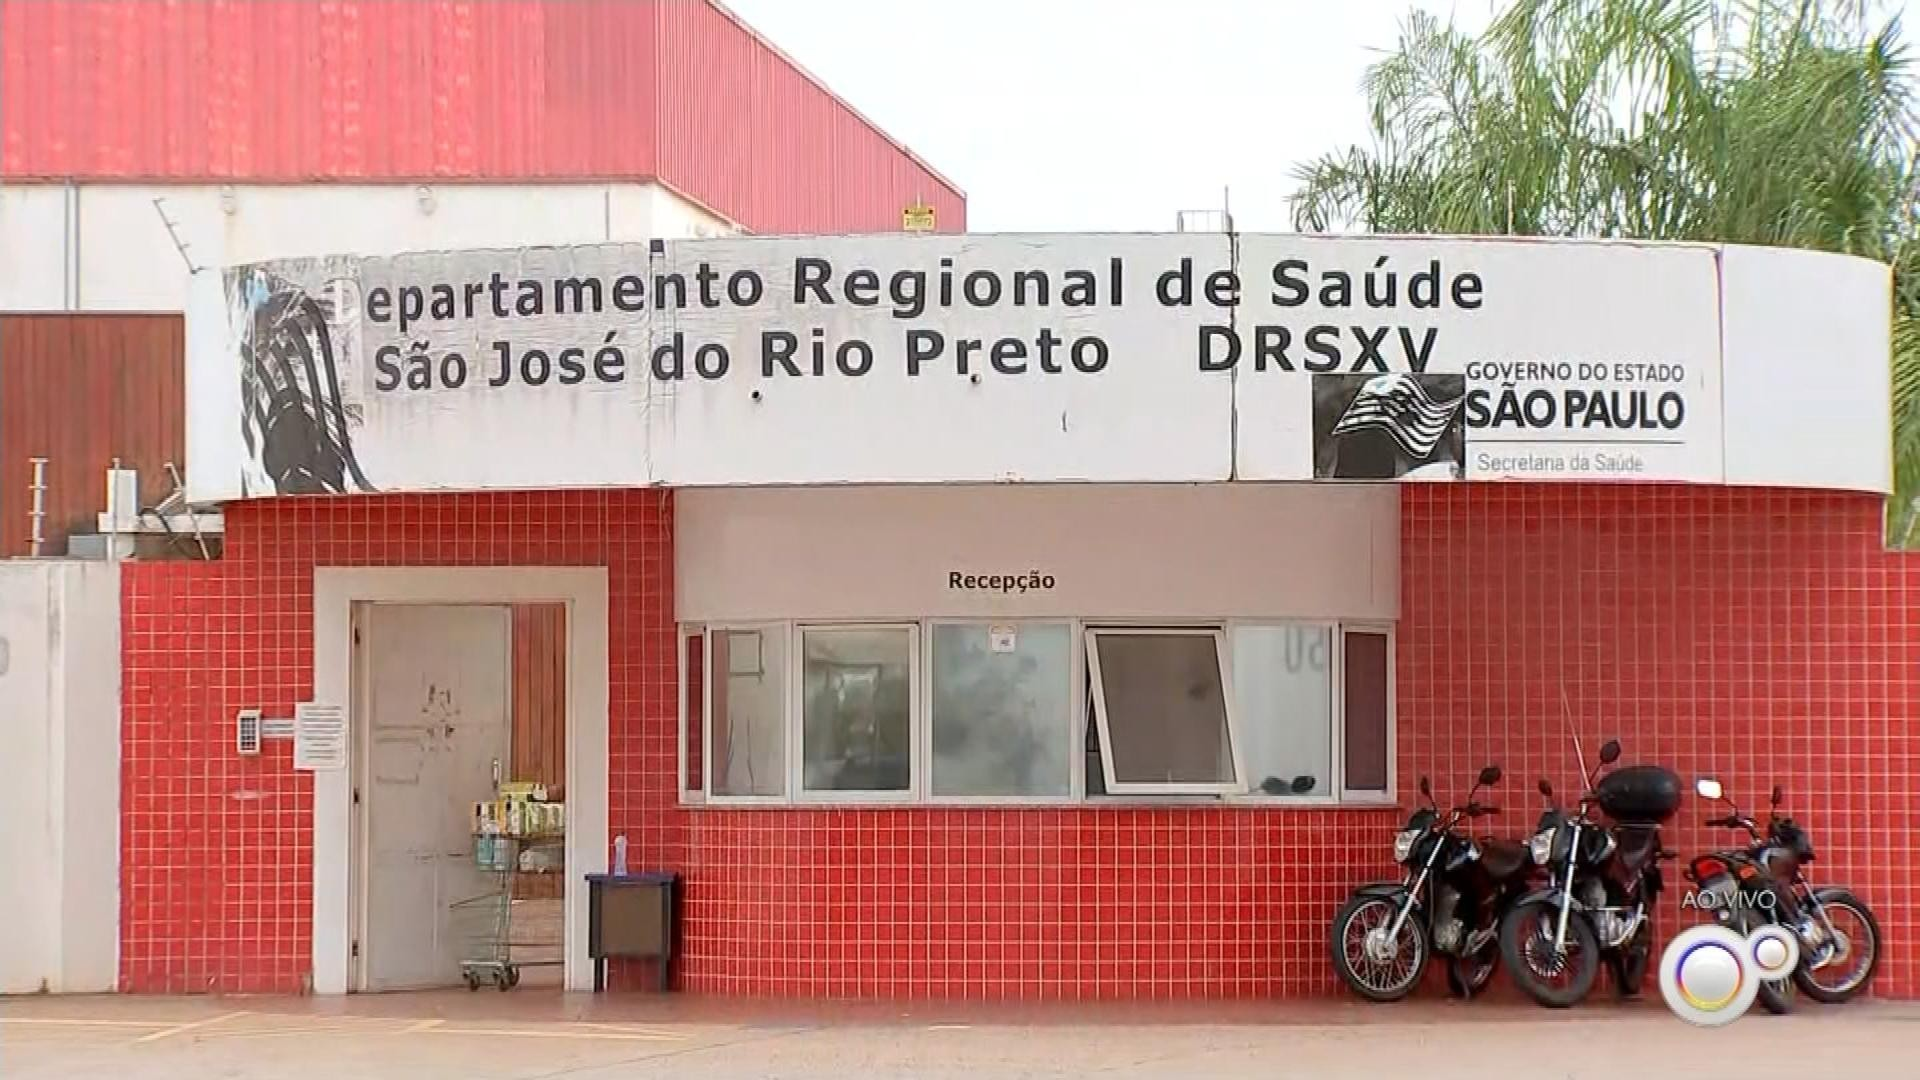 VÍDEOS: TEM Notícias 1ª edição de Rio Preto e Araçatuba desta segunda-feira, 19 de outubro